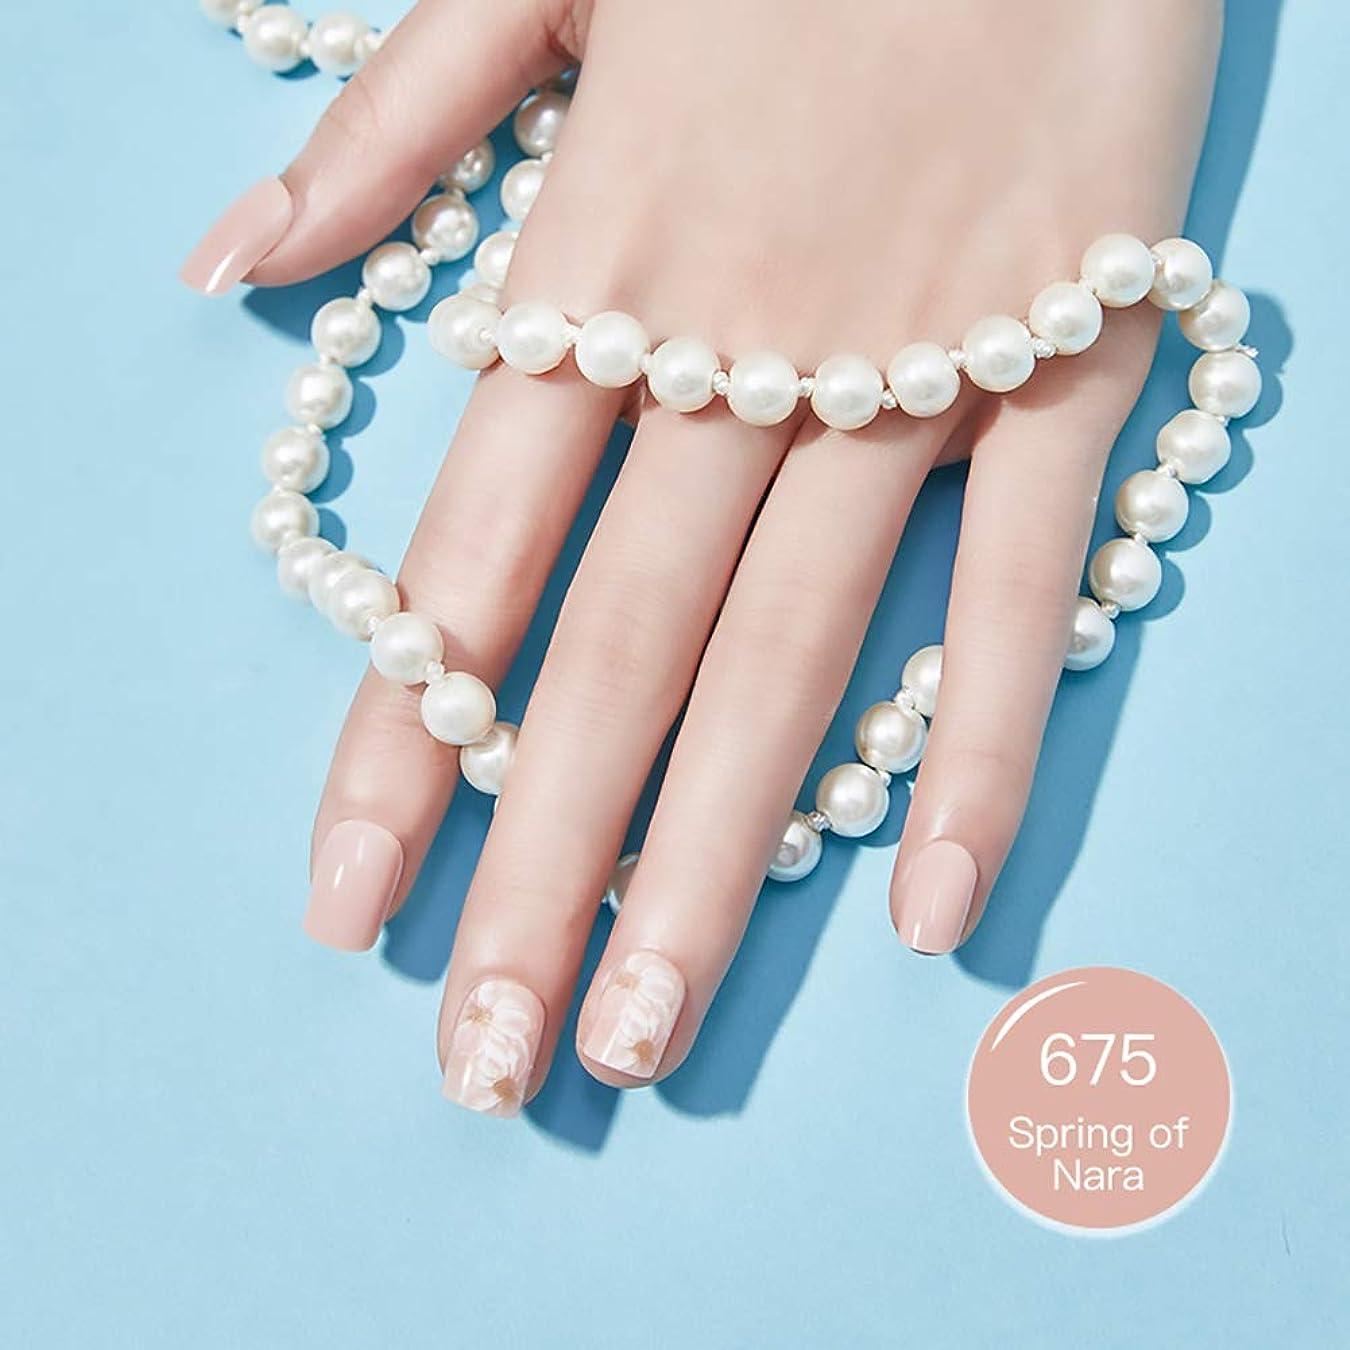 従順なアシスタント聖域OLiiii エコネイル 服装式つけ爪 繰り返し使う偽の爪 流行のデザイン 30/枚 (675)